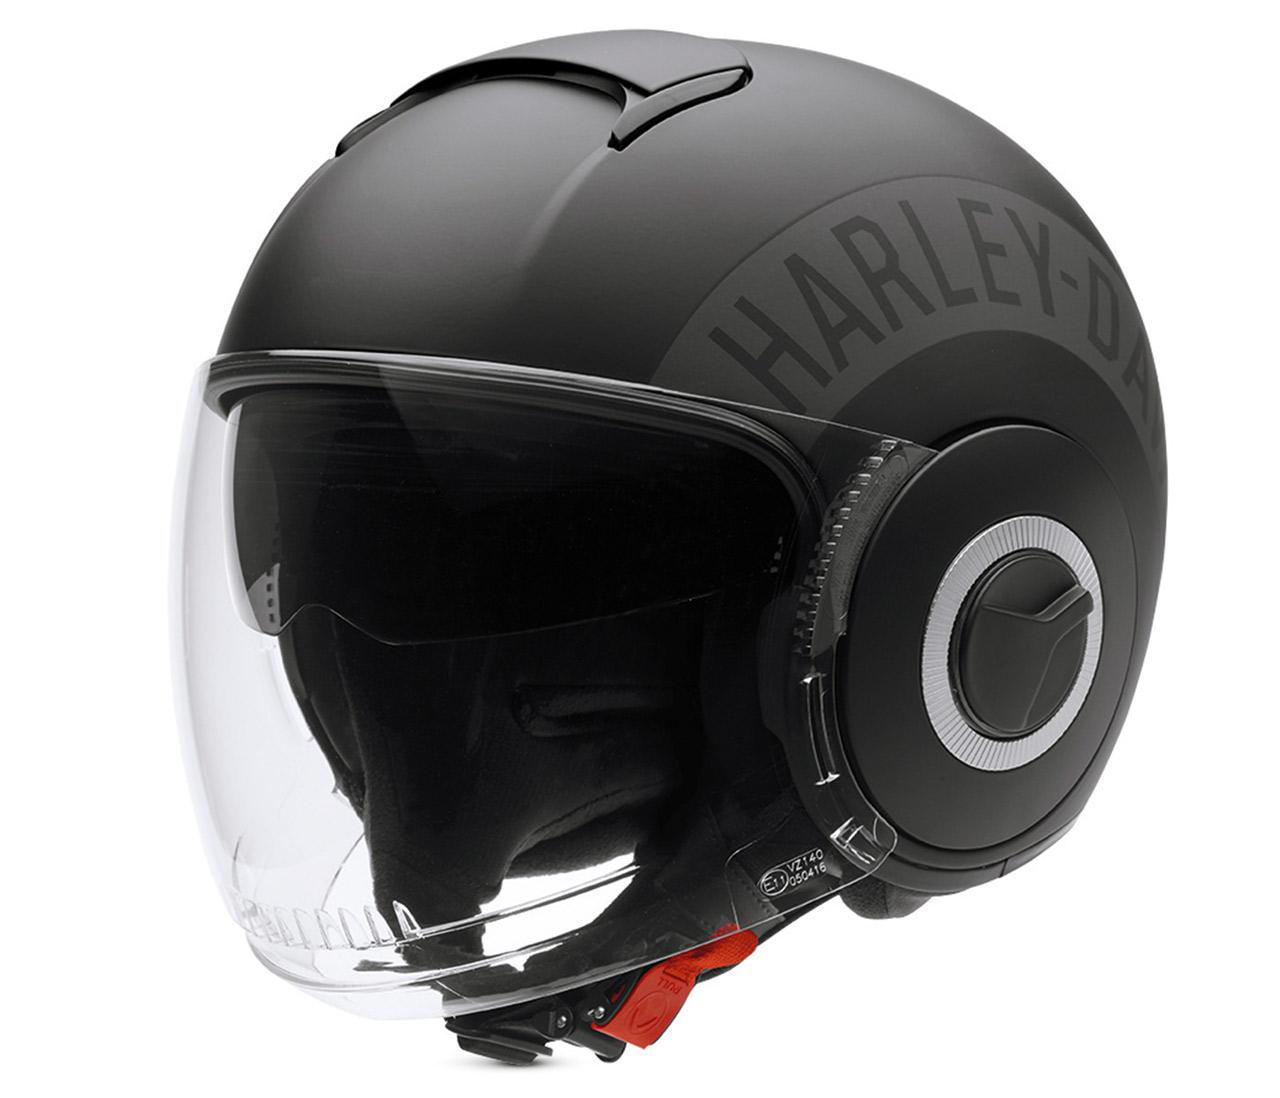 ec 98315 15e harley davidson helm commuter 3 4 matt